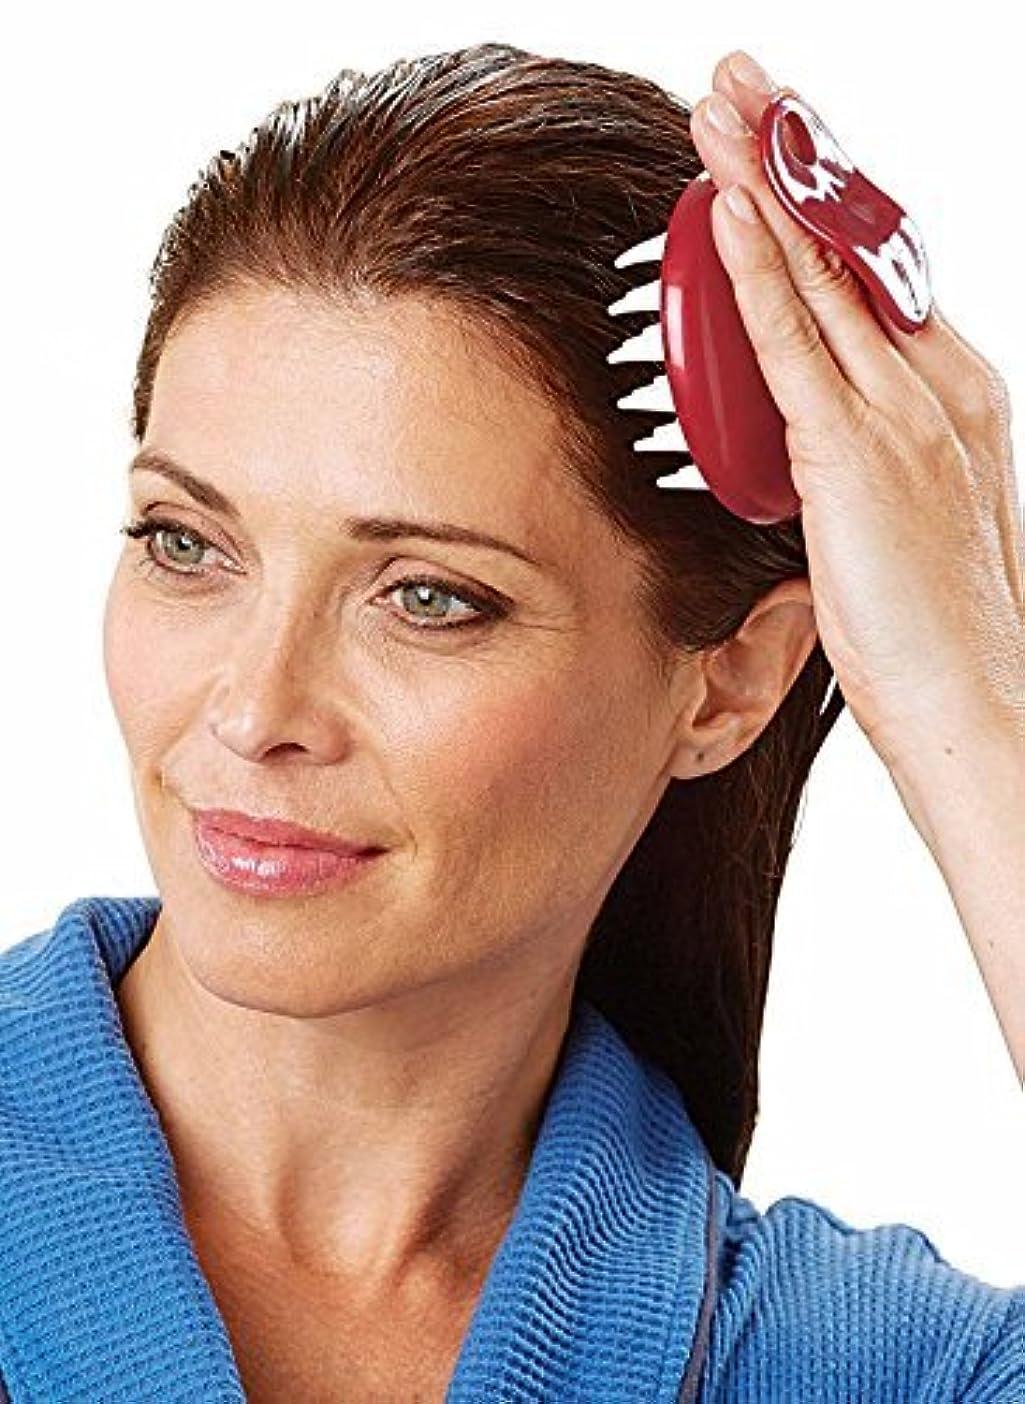 消化器保険共和党Set of 2 Shampoo and Scalp Hair Washing Comb Massager Brush [並行輸入品]